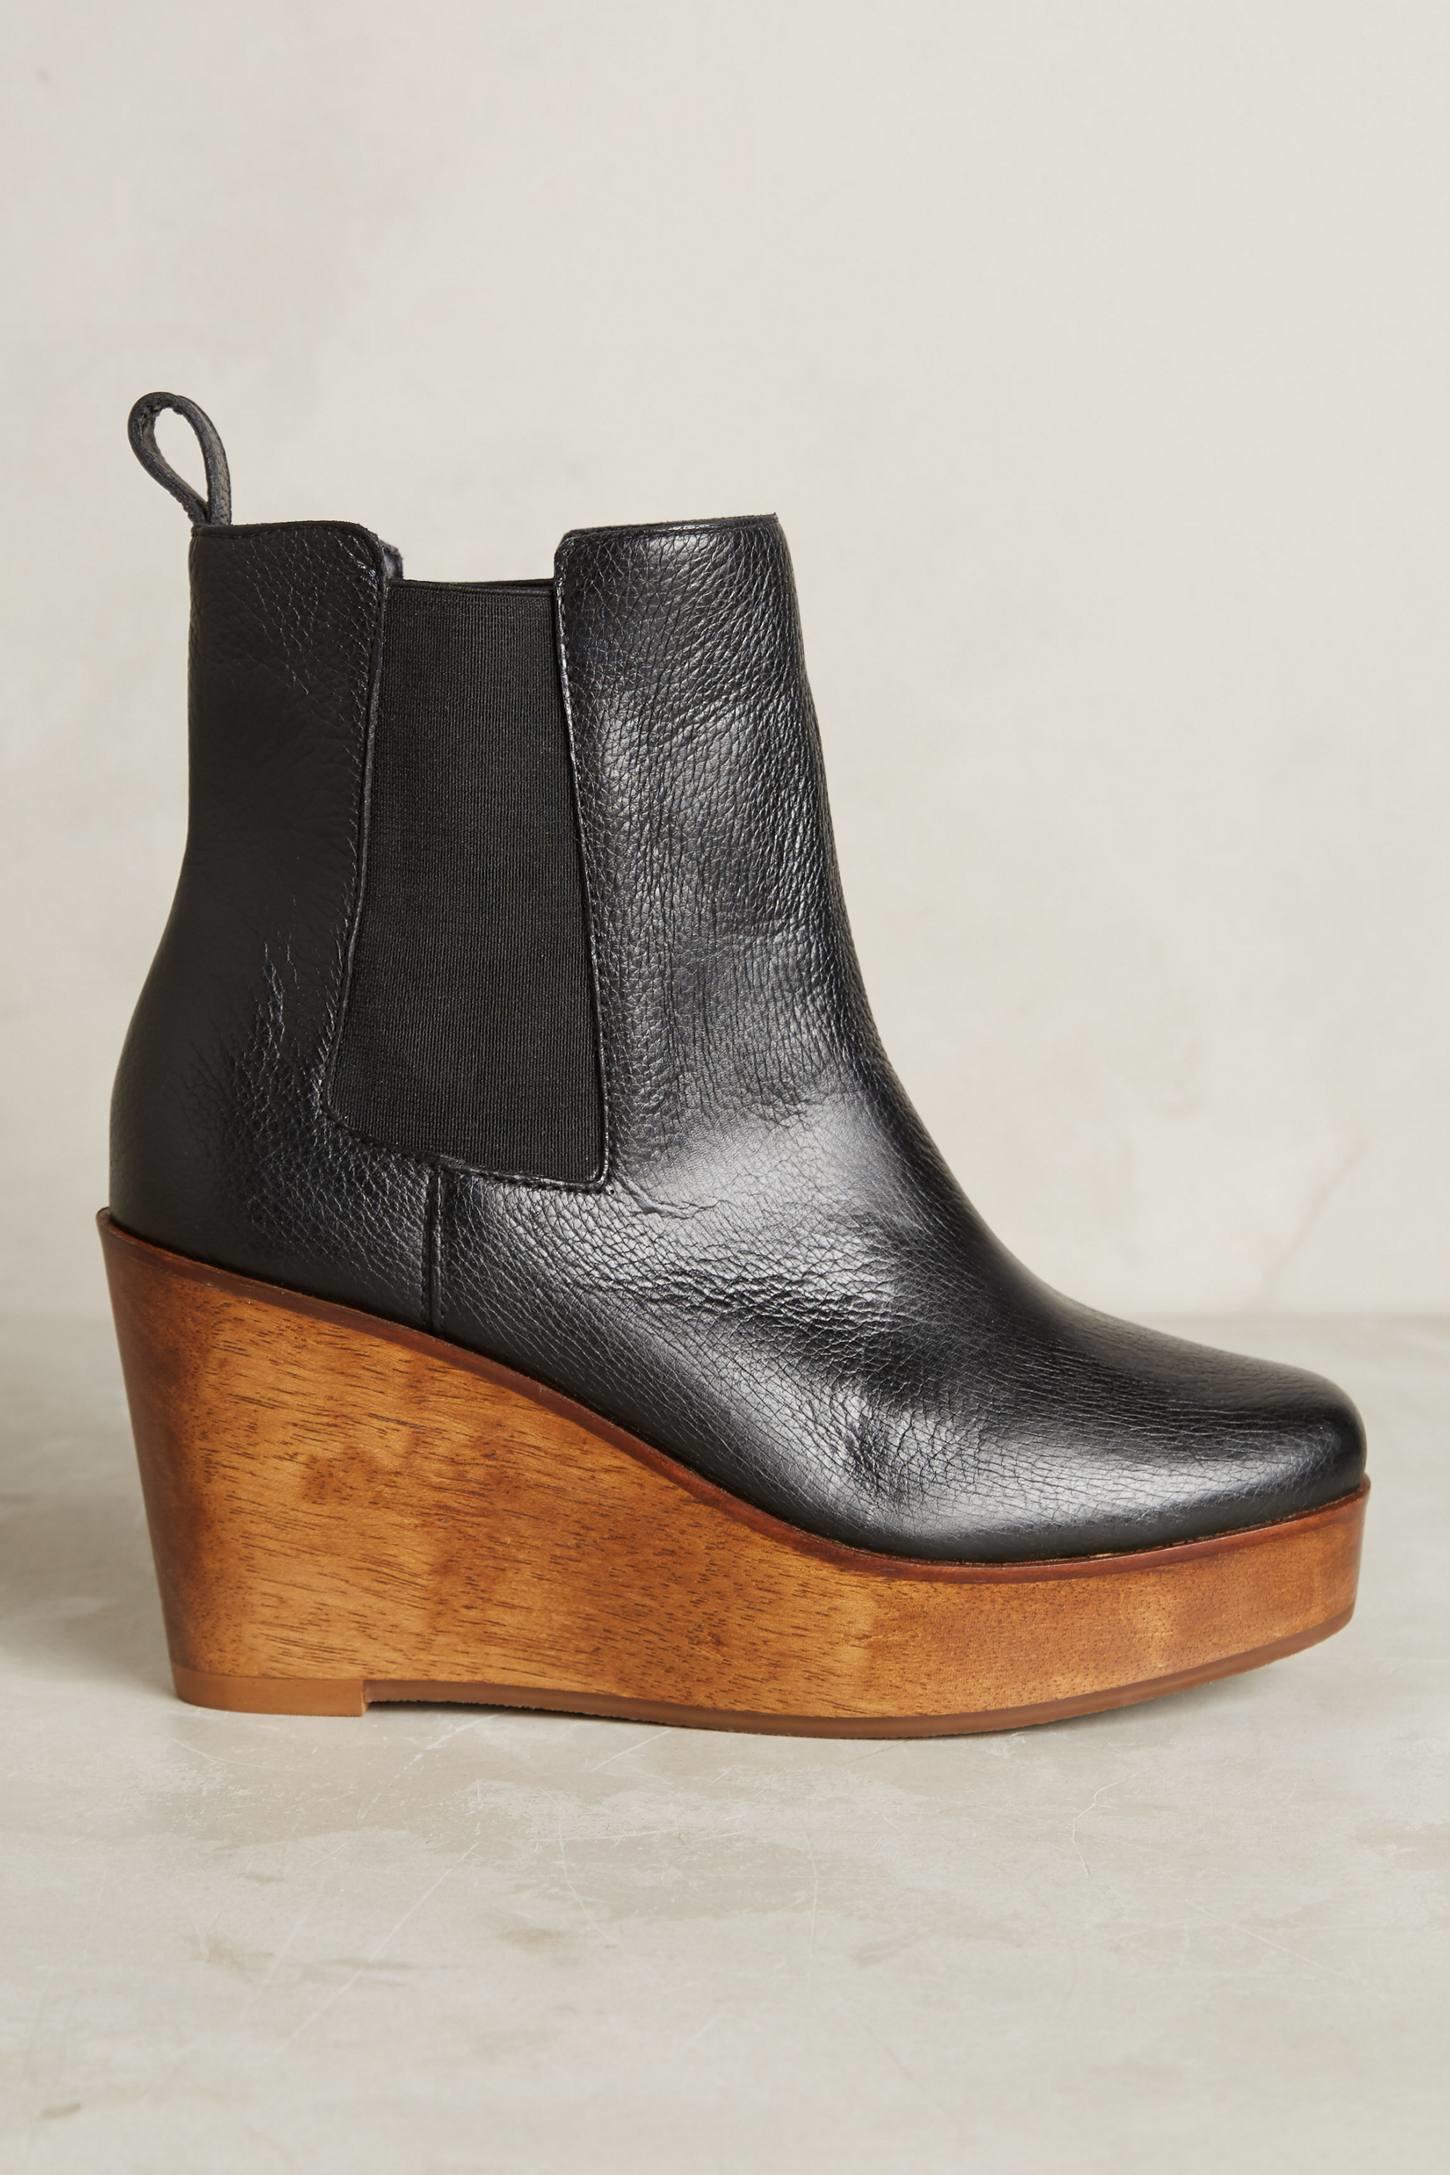 Lyst - Kelsi Dagger Brooklyn Ubel Chelsea Boots in Black